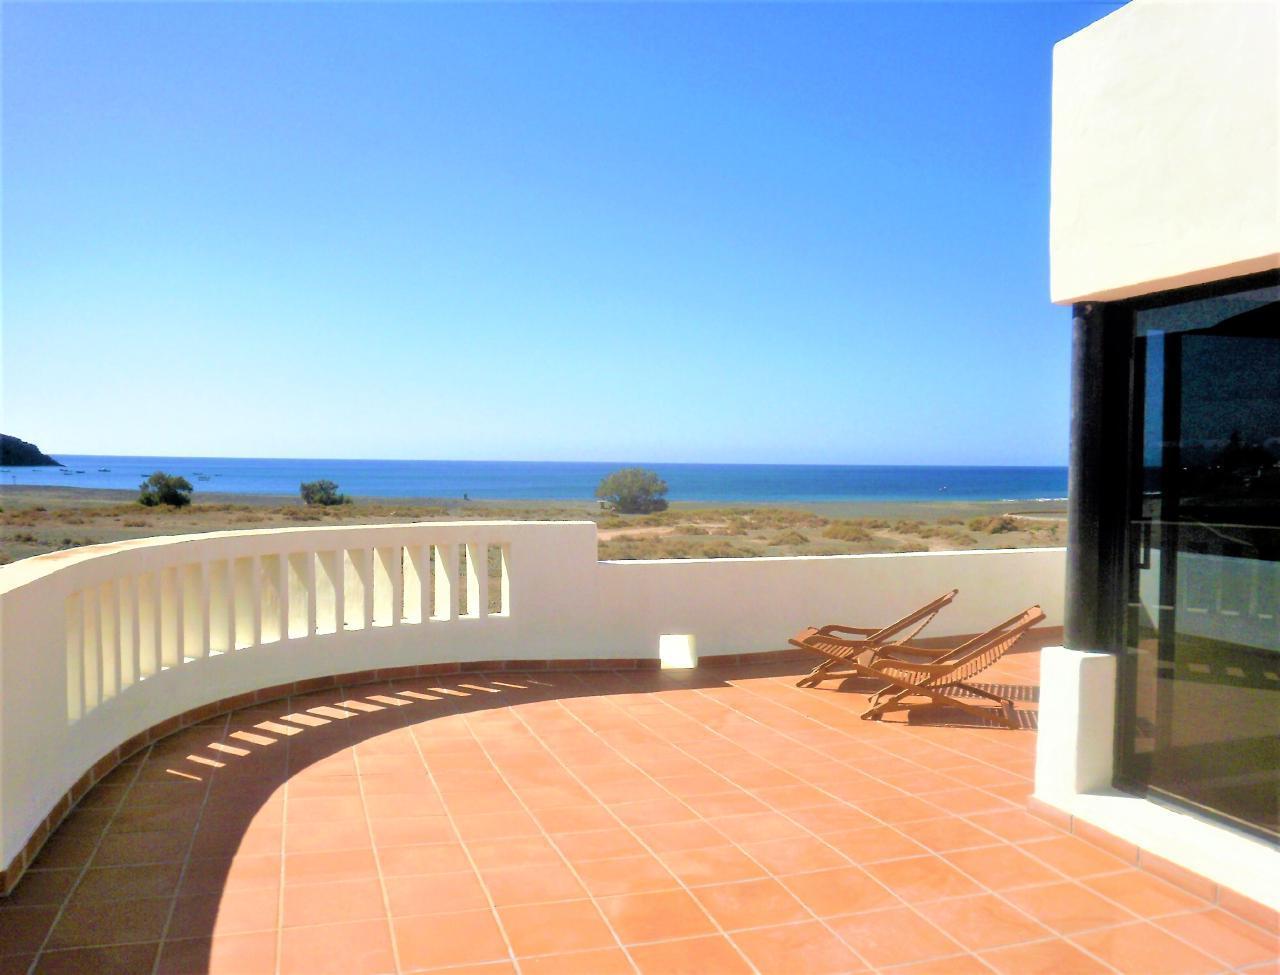 Ferienhaus Exklusive Villa in Strandnähe (642541), Giniginamar, Fuerteventura, Kanarische Inseln, Spanien, Bild 76